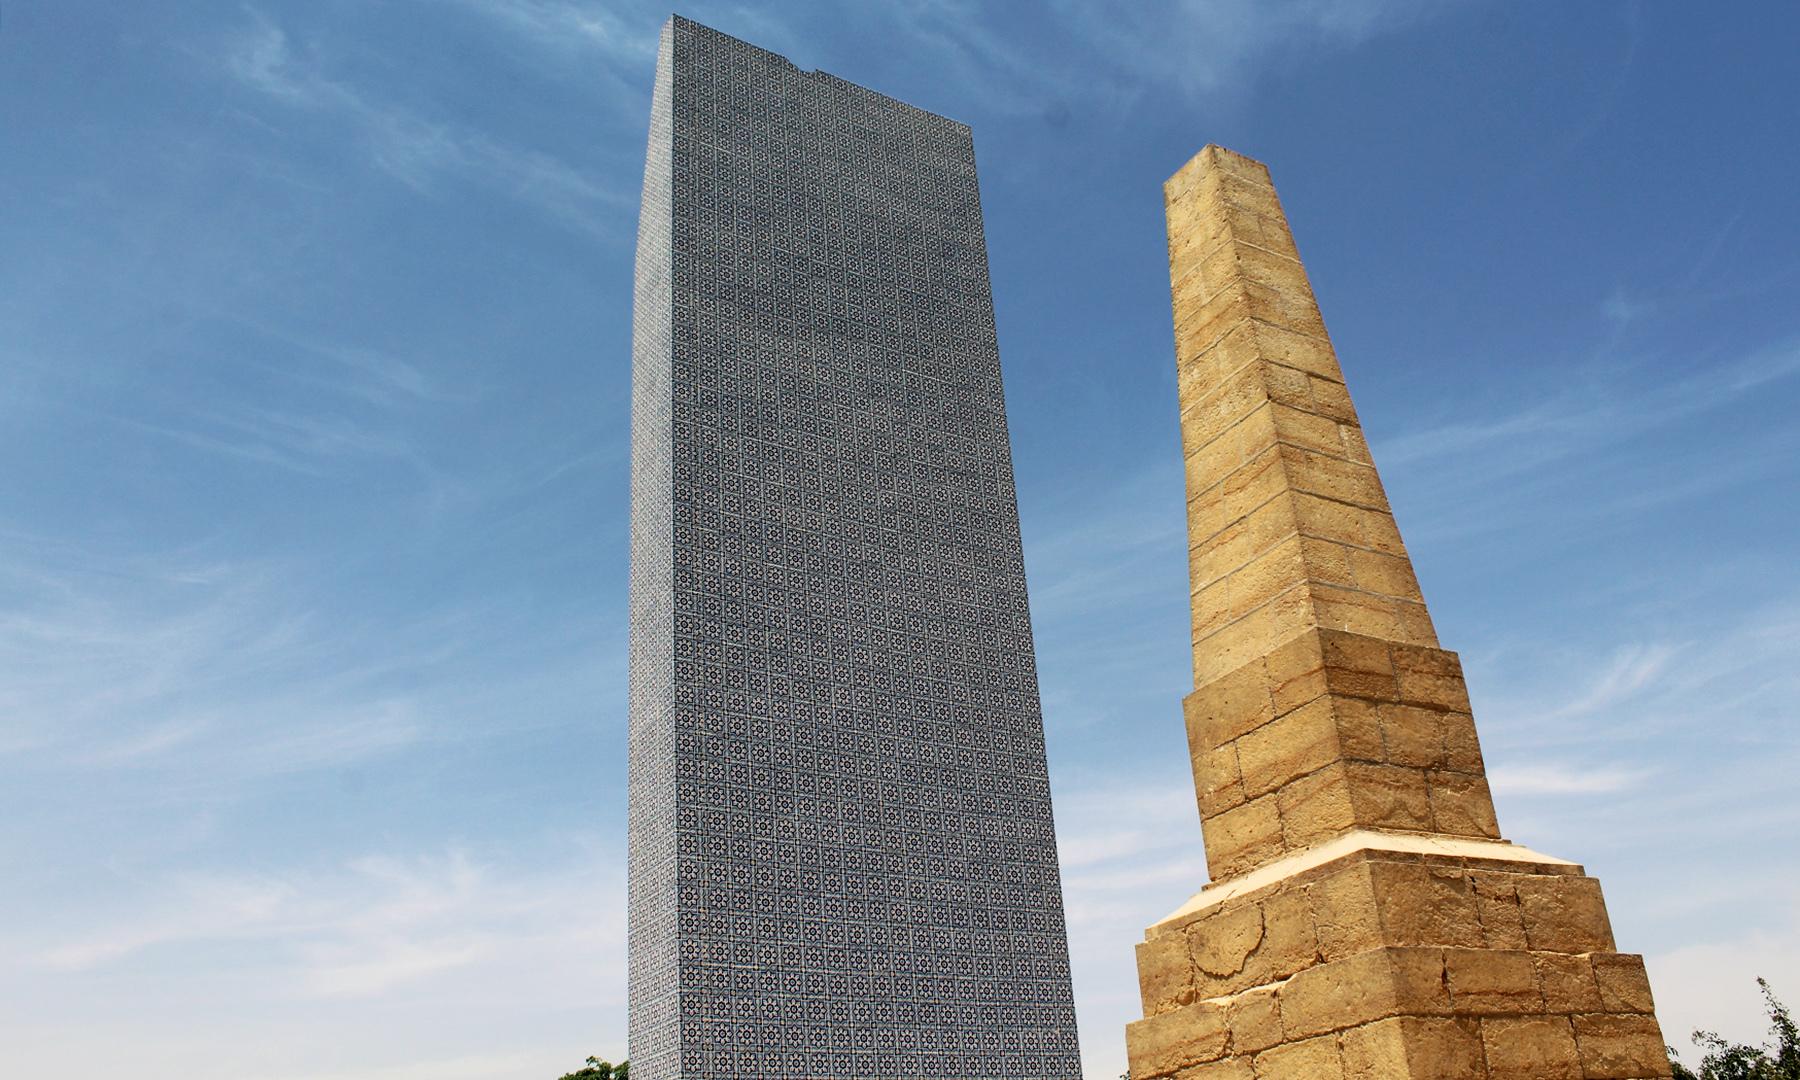 اس میدان جنگ میں انگریز اور تالپور سپاہیوں کی یاد گاریں موجود ہیں — تصویر اختر حفیظ